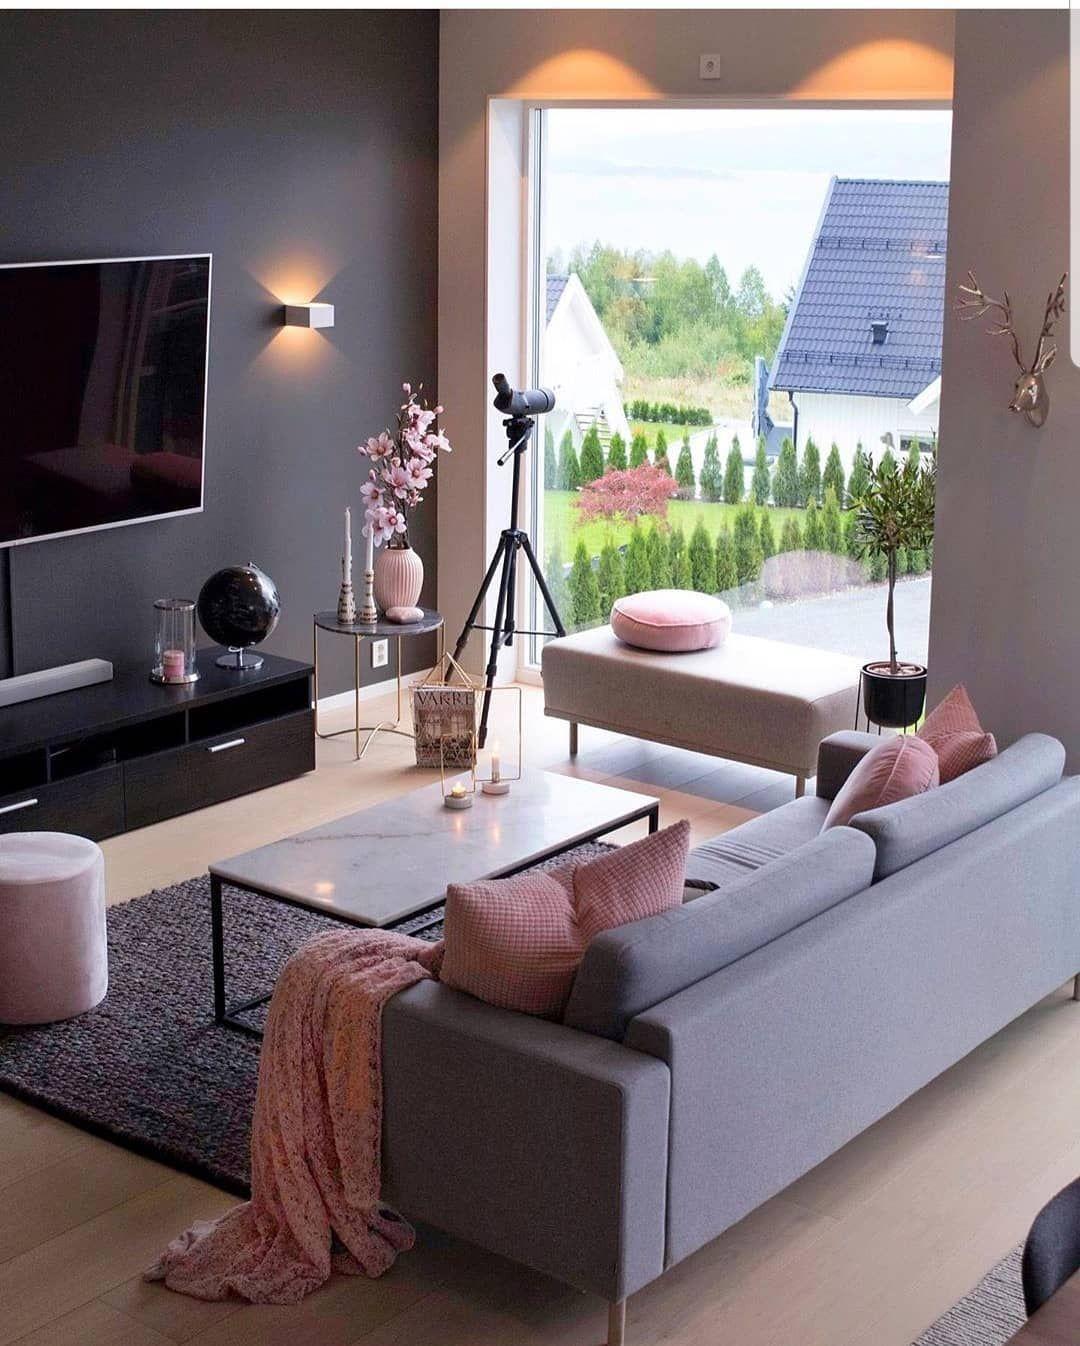 Decouvre De Suite Cette Surprenante Decoration Design Pour Ton